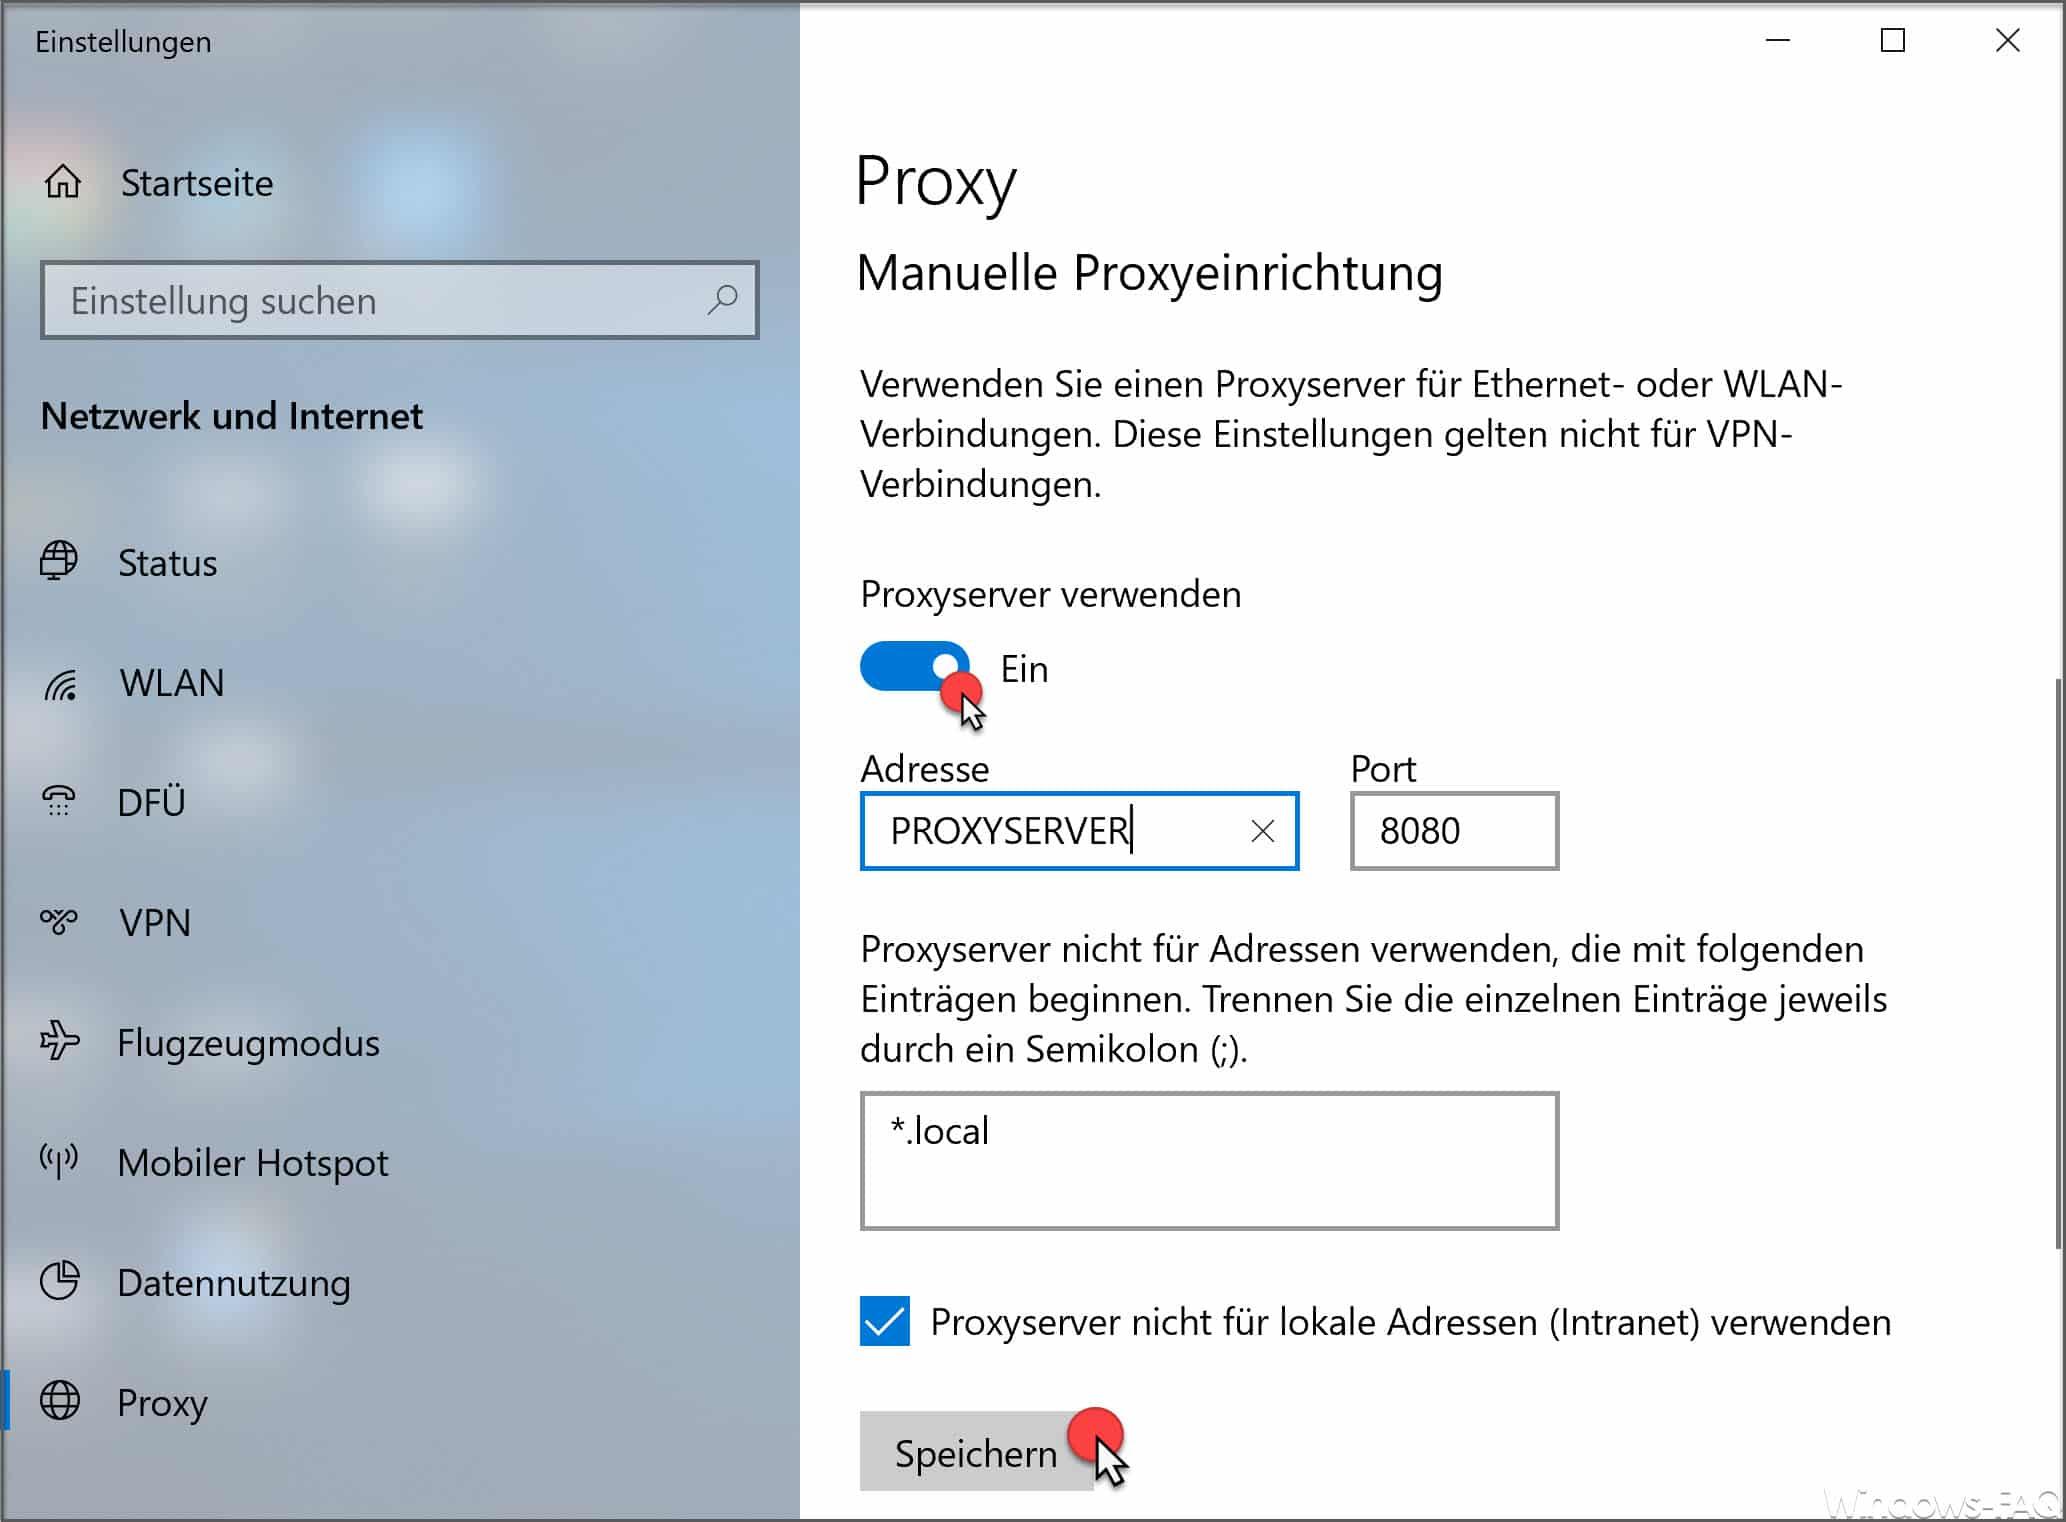 Manuelle Proxyeinrichtung Windows 10